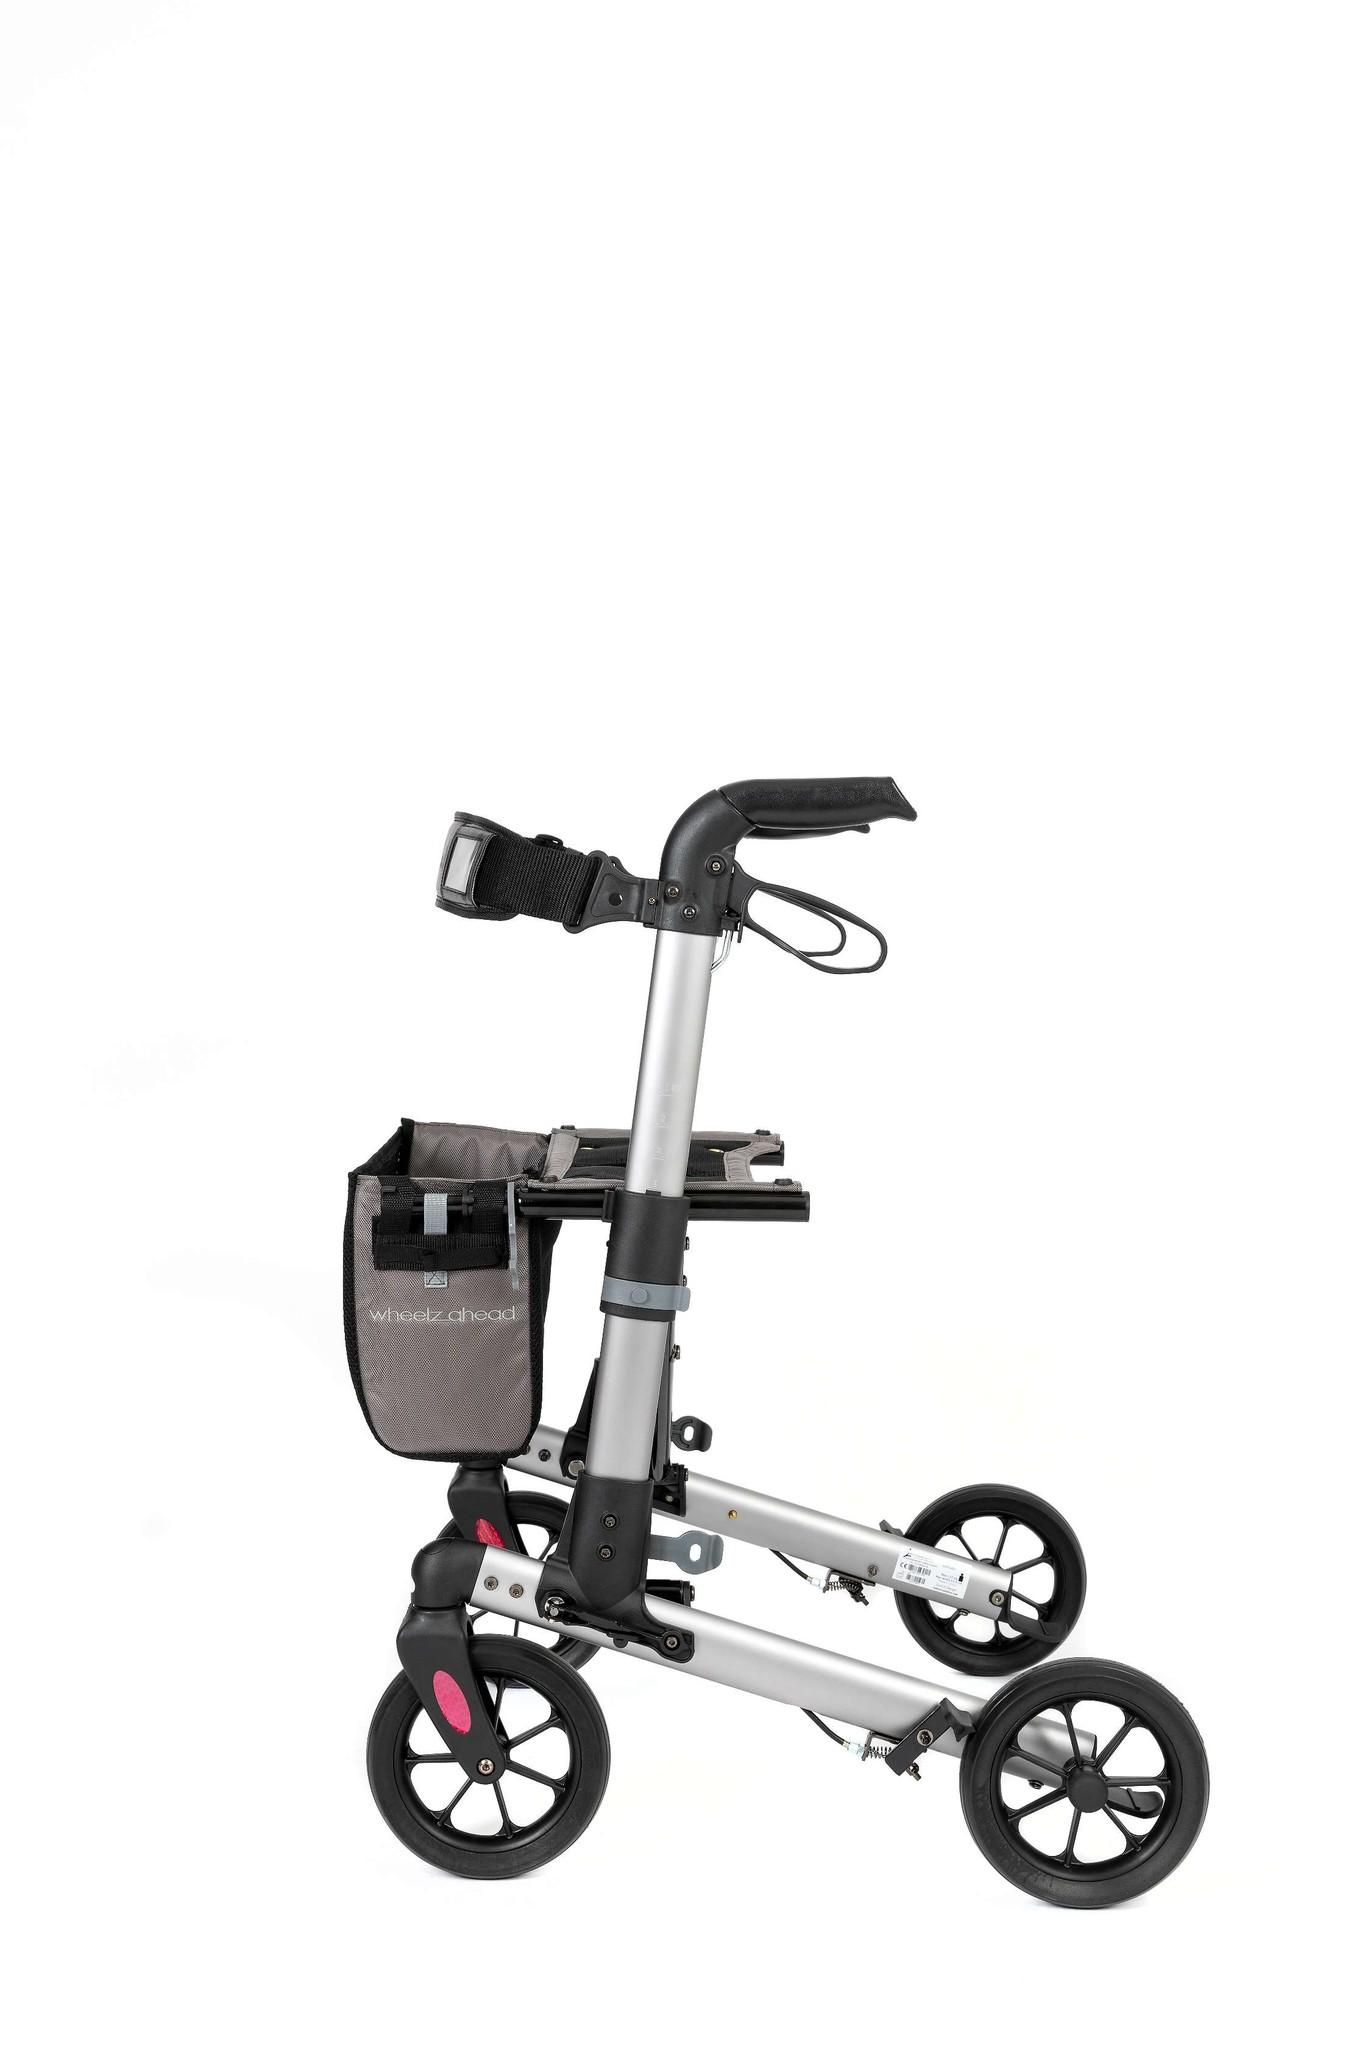 Wheelzahead TRACK COMFORT Antraciet